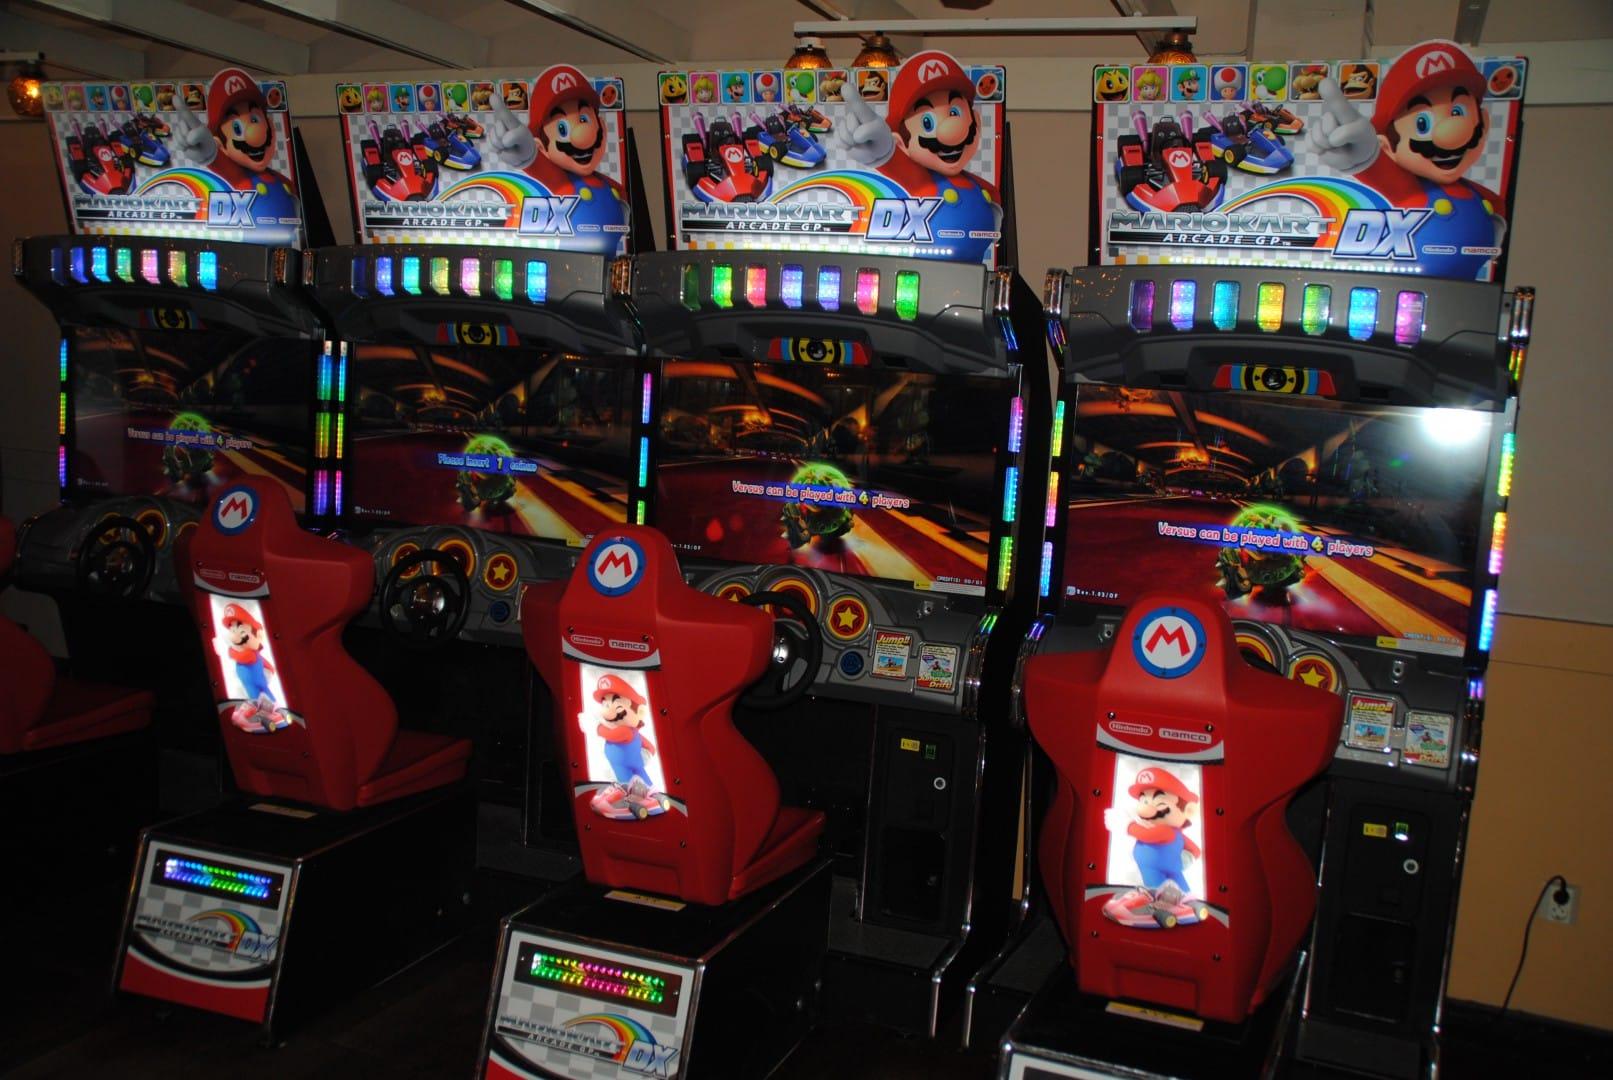 Mario Kart Arcade GP DX / At Liseberg Fun Fair